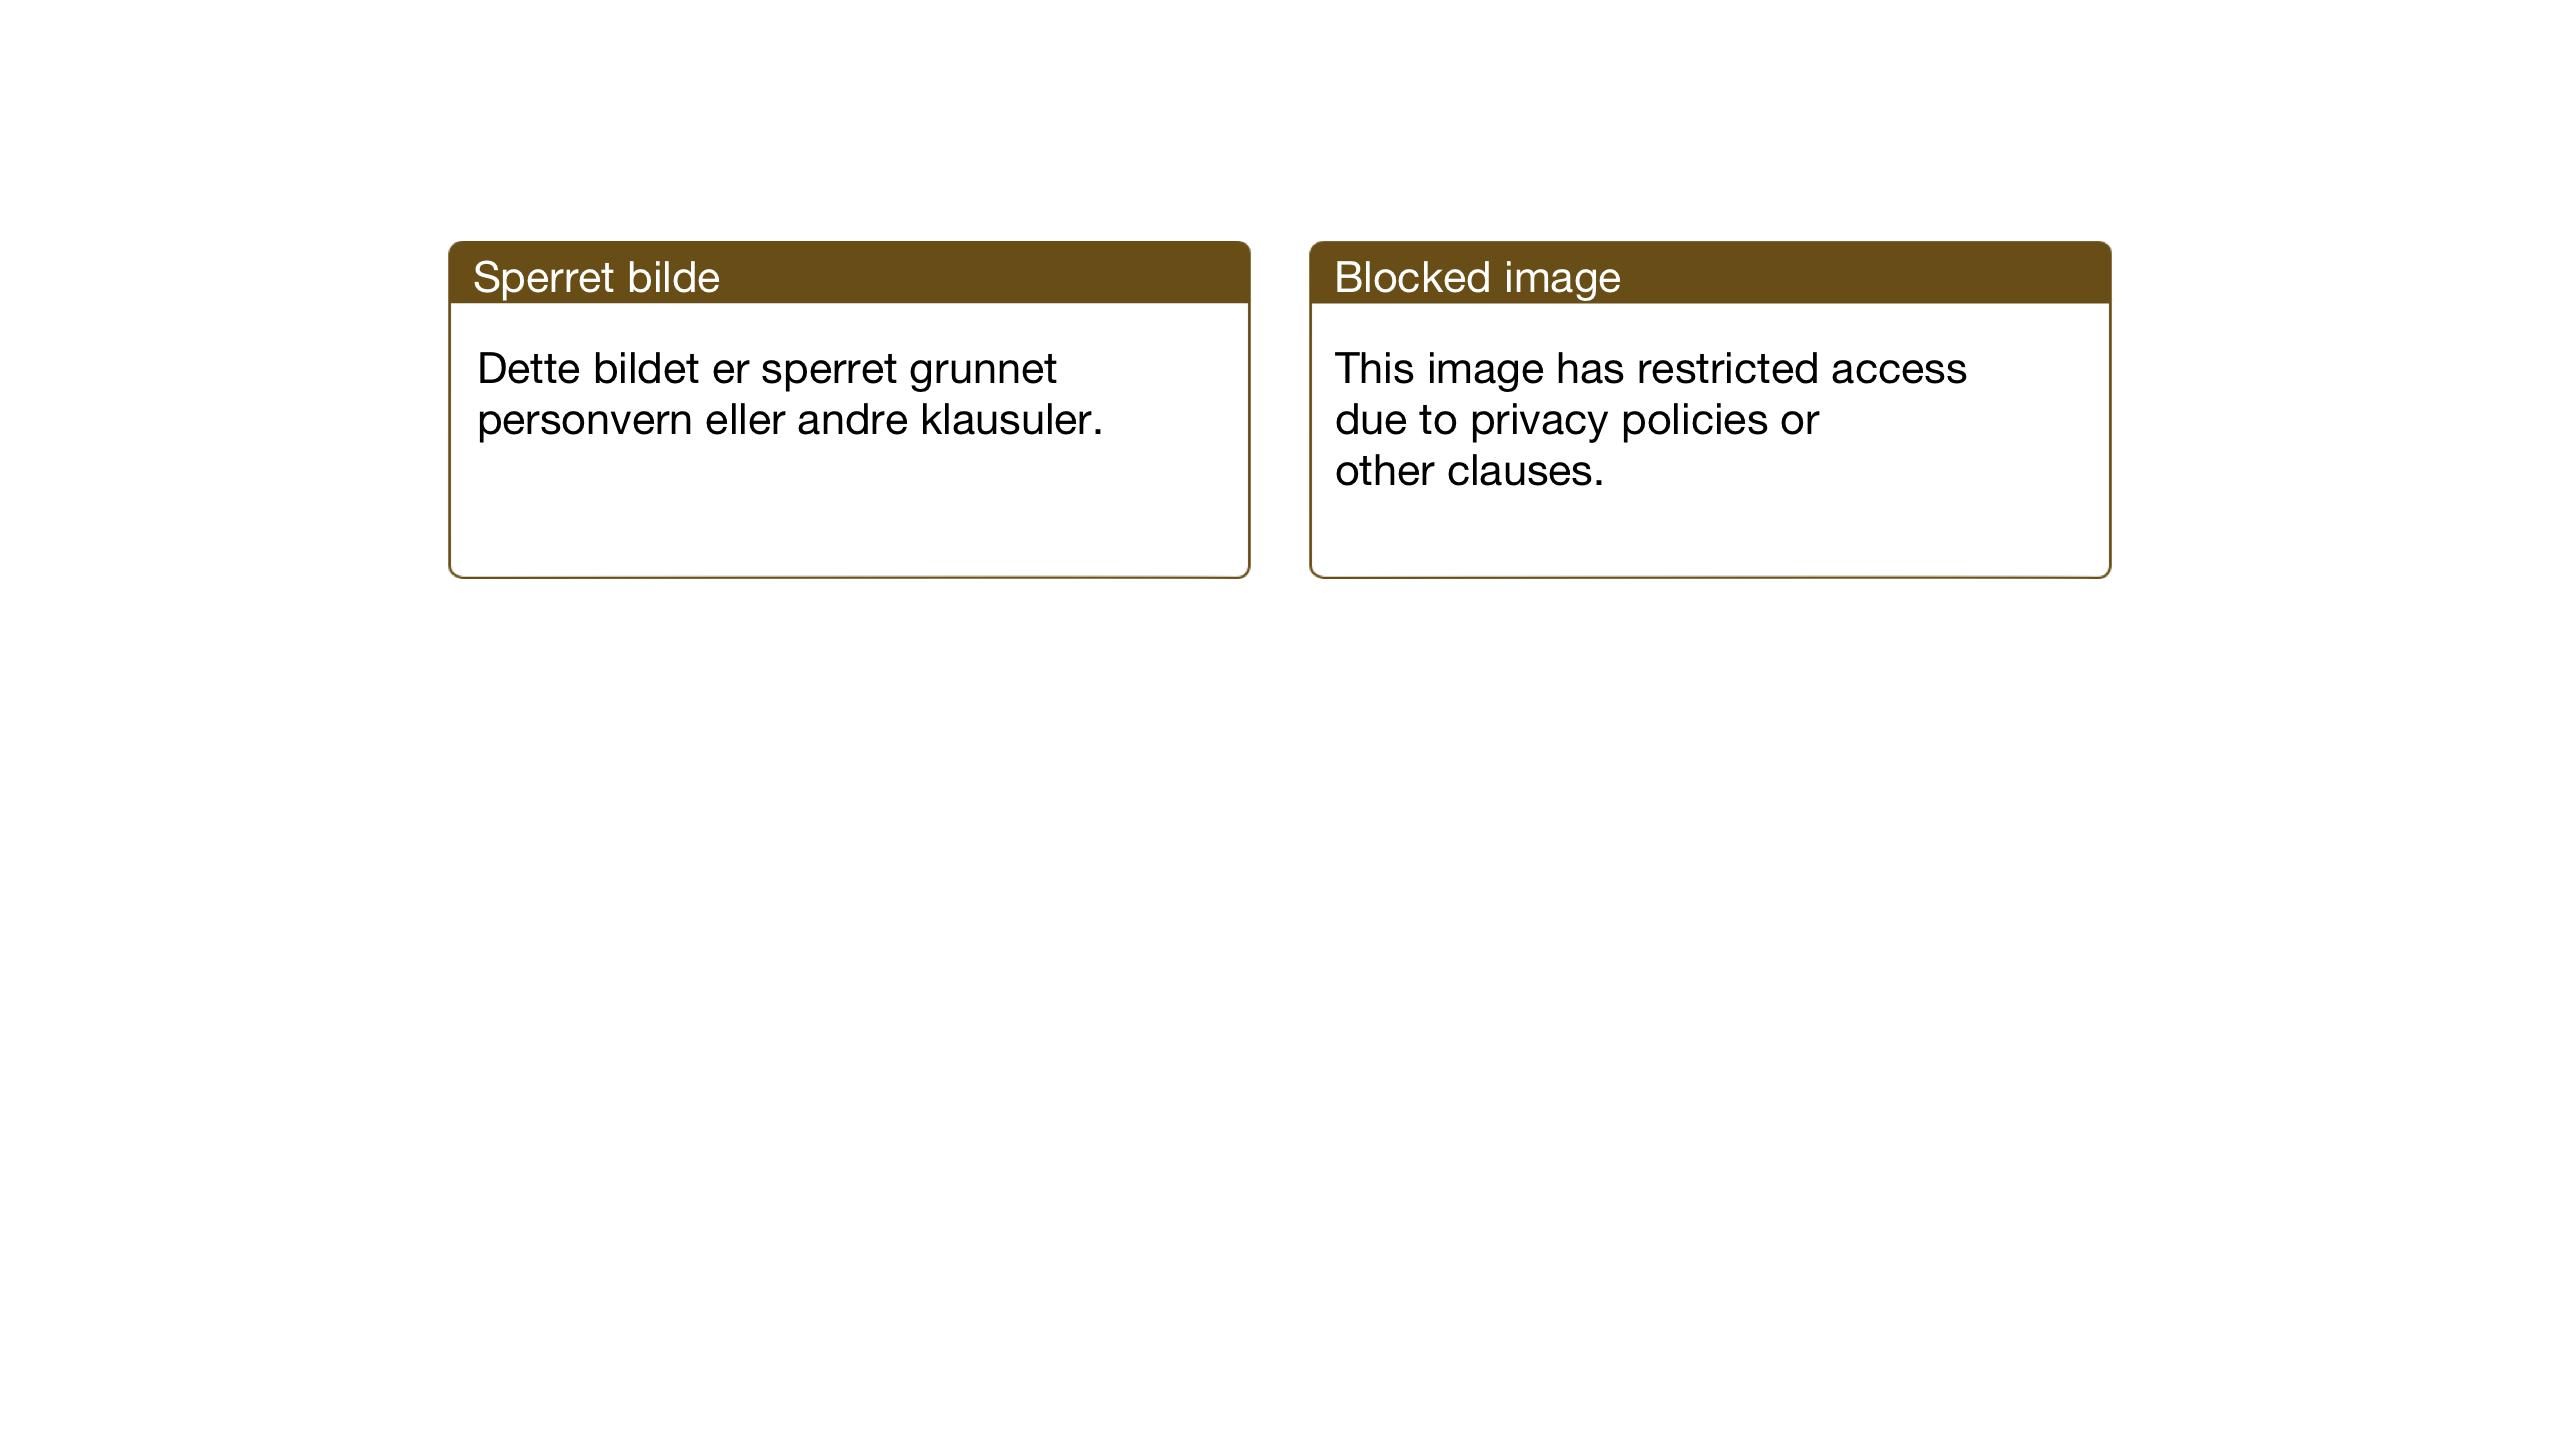 SAT, Ministerialprotokoller, klokkerbøker og fødselsregistre - Nord-Trøndelag, 774/L0631: Klokkerbok nr. 774C02, 1934-1950, s. 5